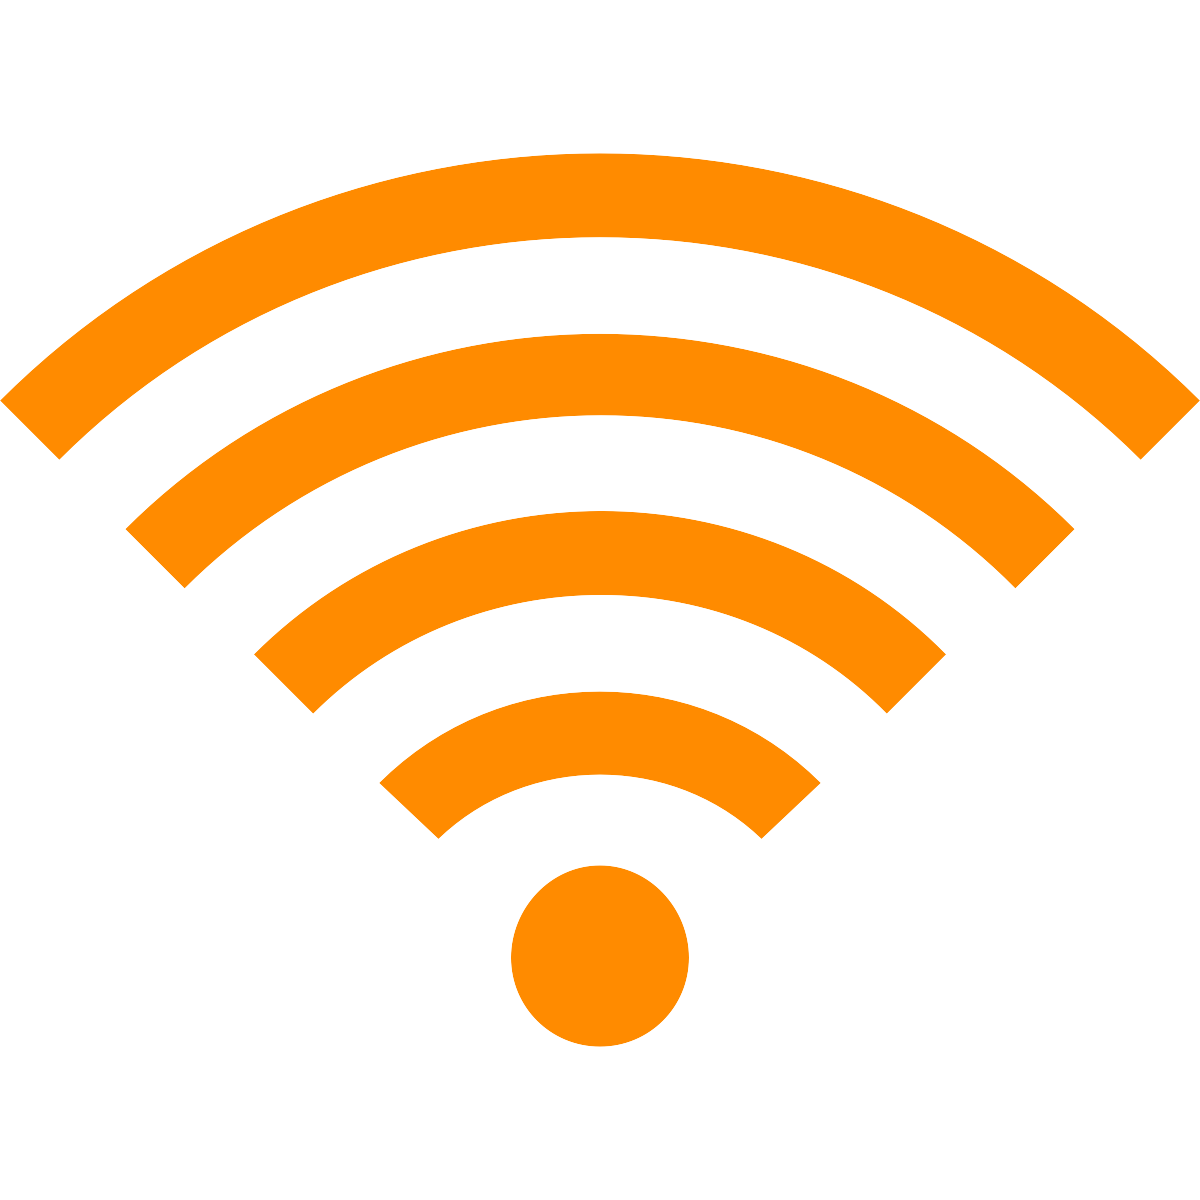 noun_Wireless_2400132_ff8b00.png